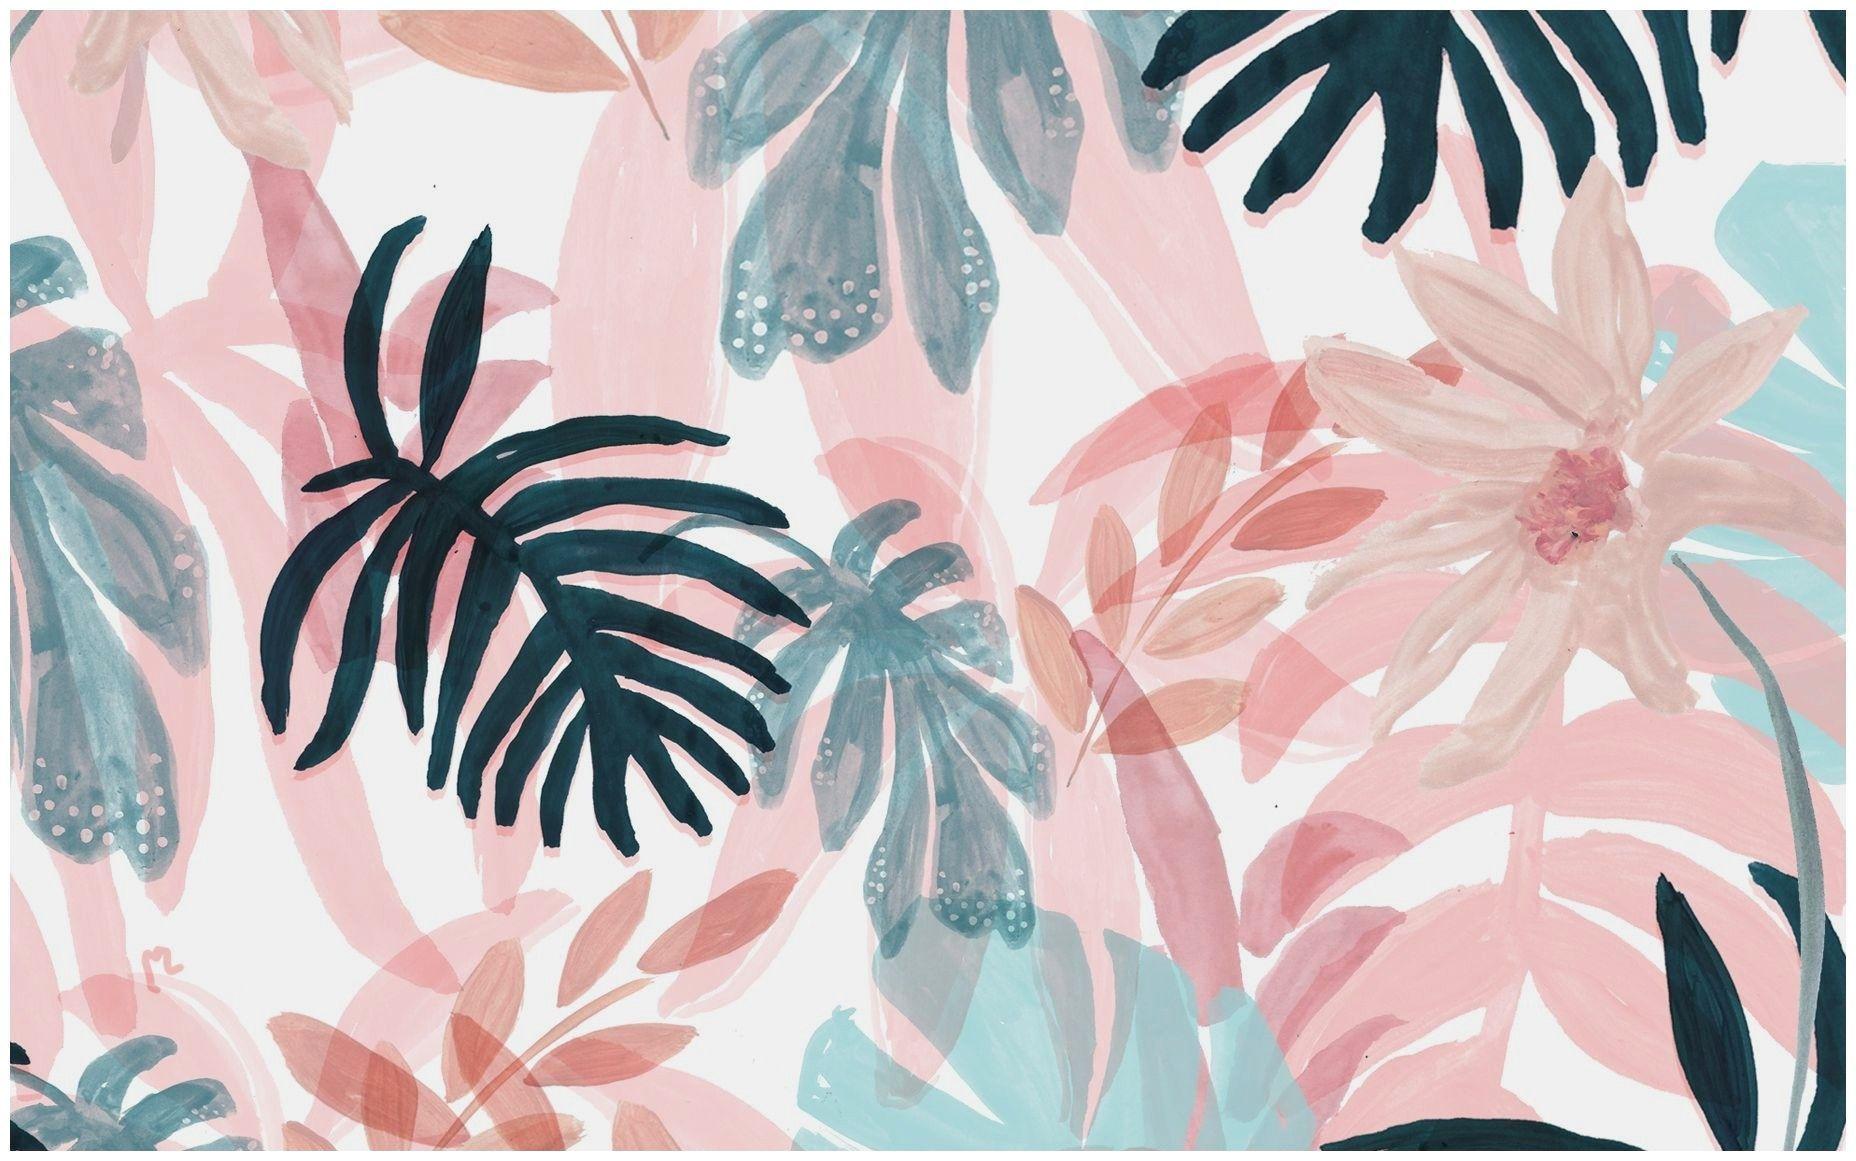 Pin On Desktop Background Macbook Aesthetic Desktop Wallpaper Pink Wallpaper Backgrounds Cute Desktop Wallpaper